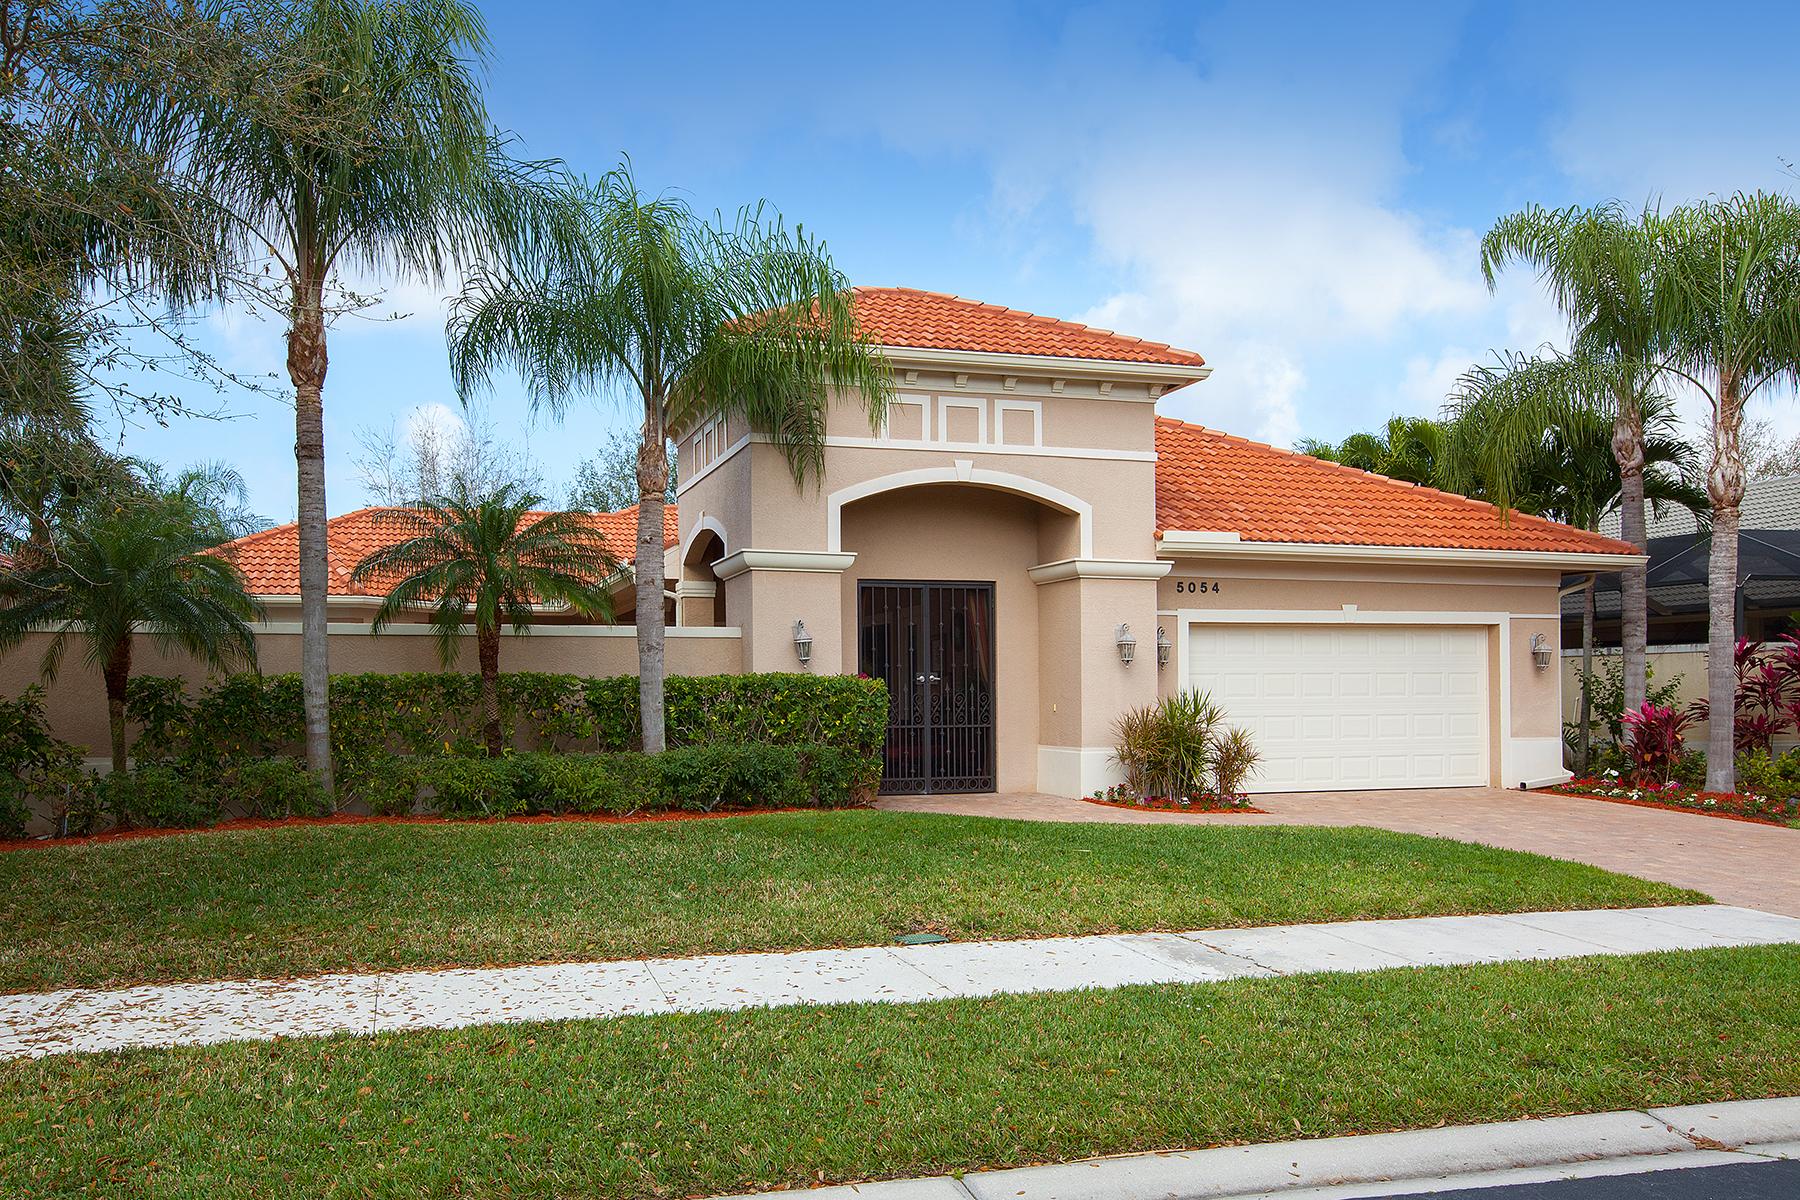 Casa Unifamiliar por un Venta en BANYAN WOODS 5054 Rustic Oaks Cir Naples, Florida, 34105 Estados Unidos